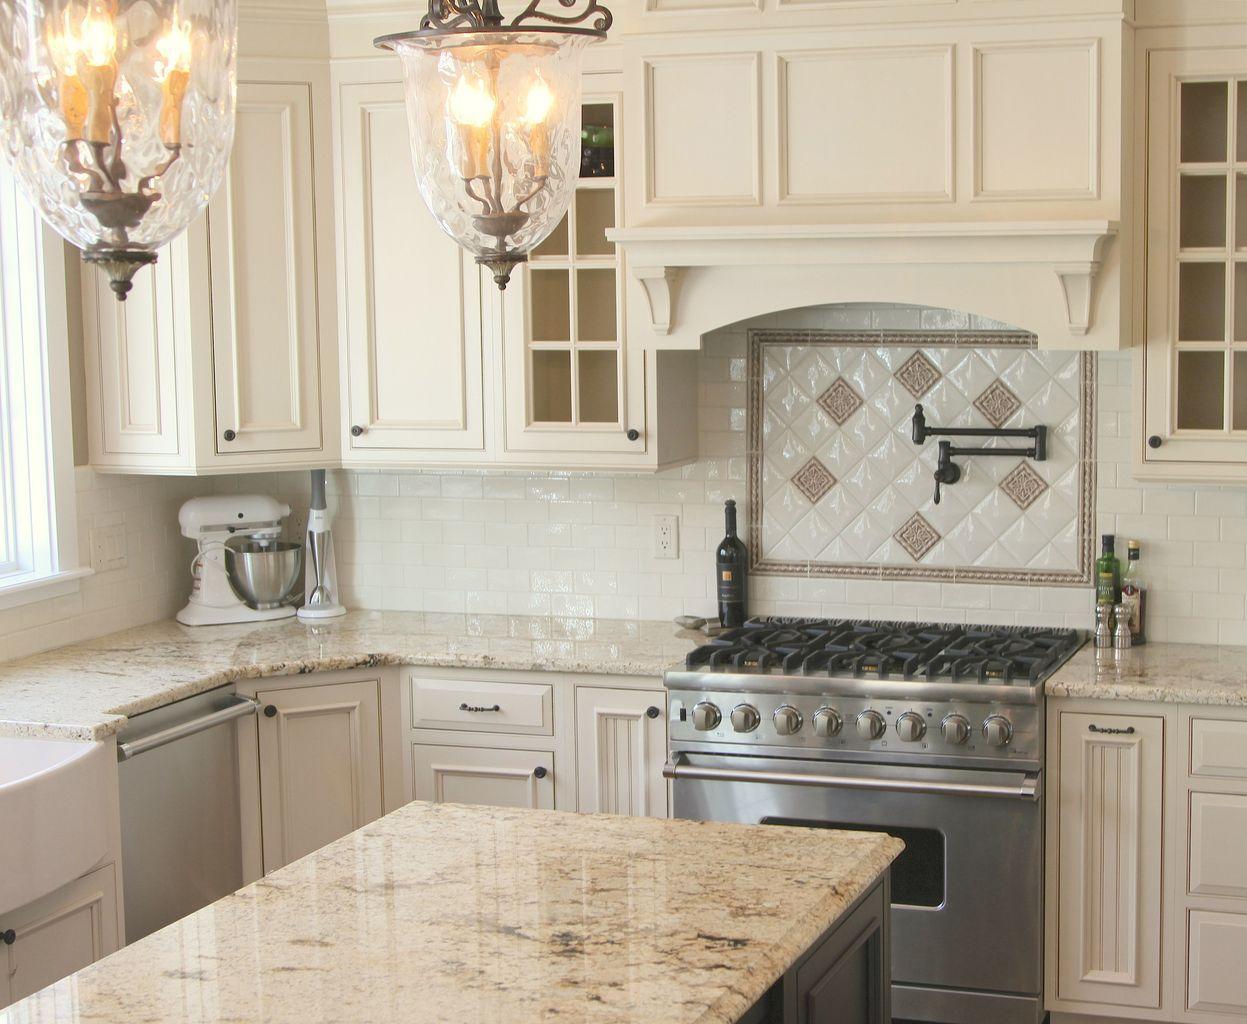 50 inspiring cream colored kitchen cabinets decor ideas ...